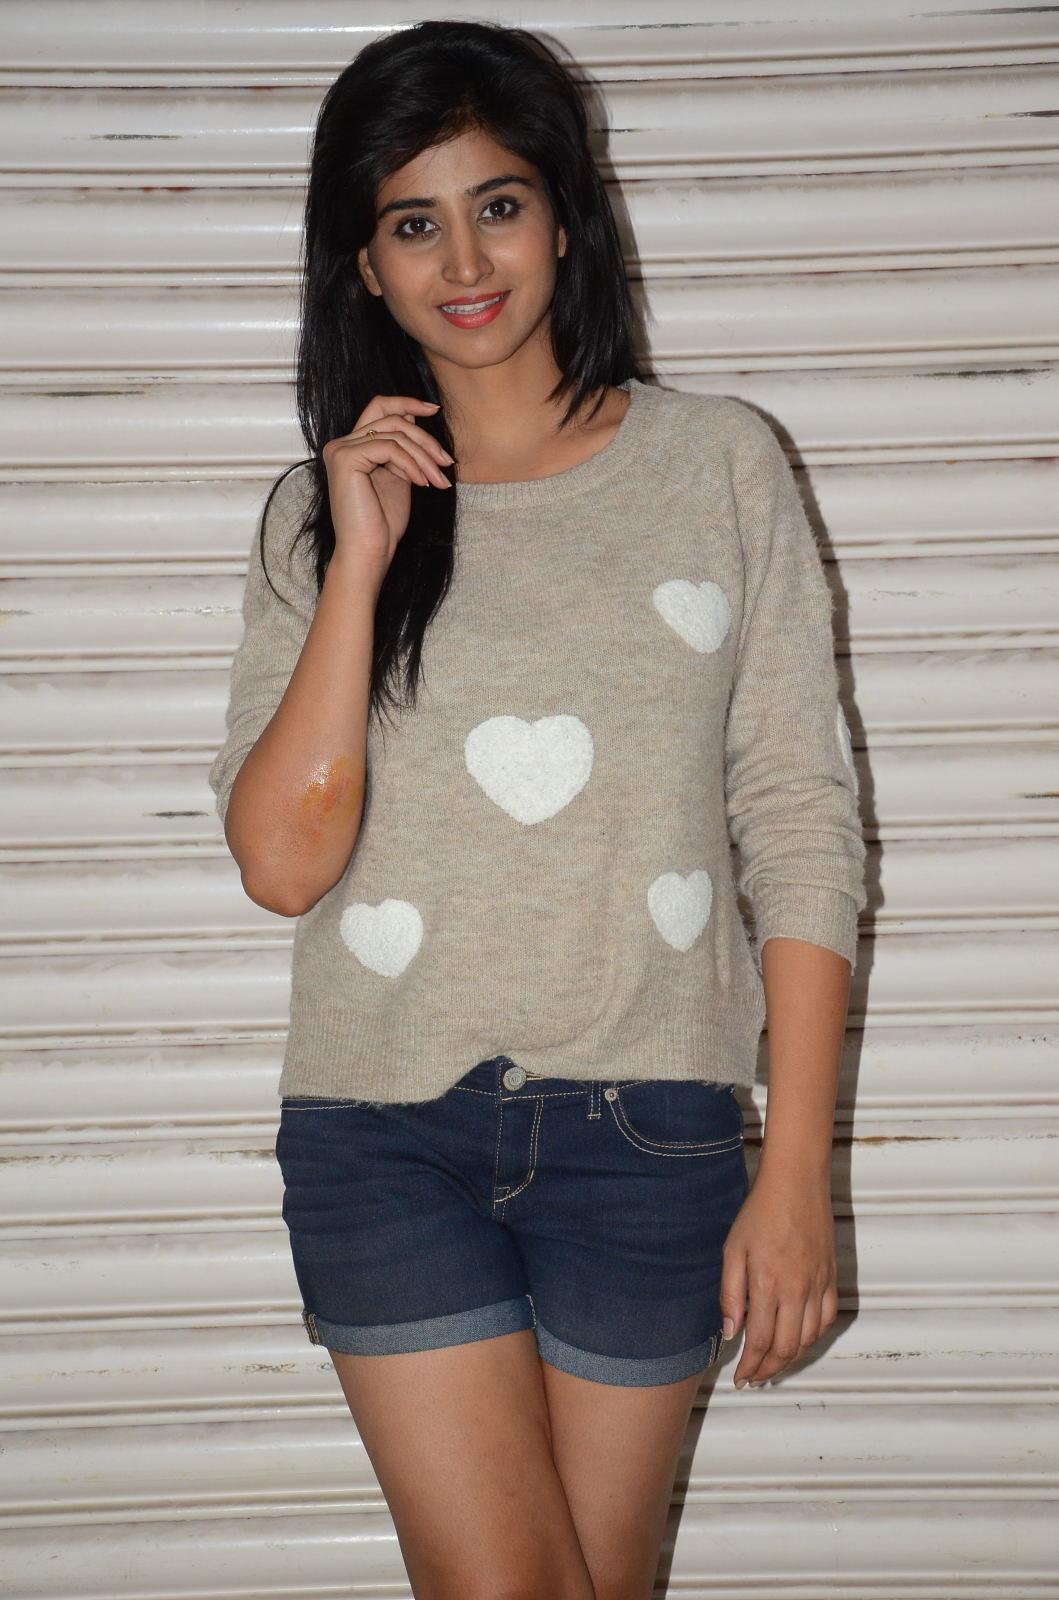 Shamili new cute photos gallery-HQ-Photo-15